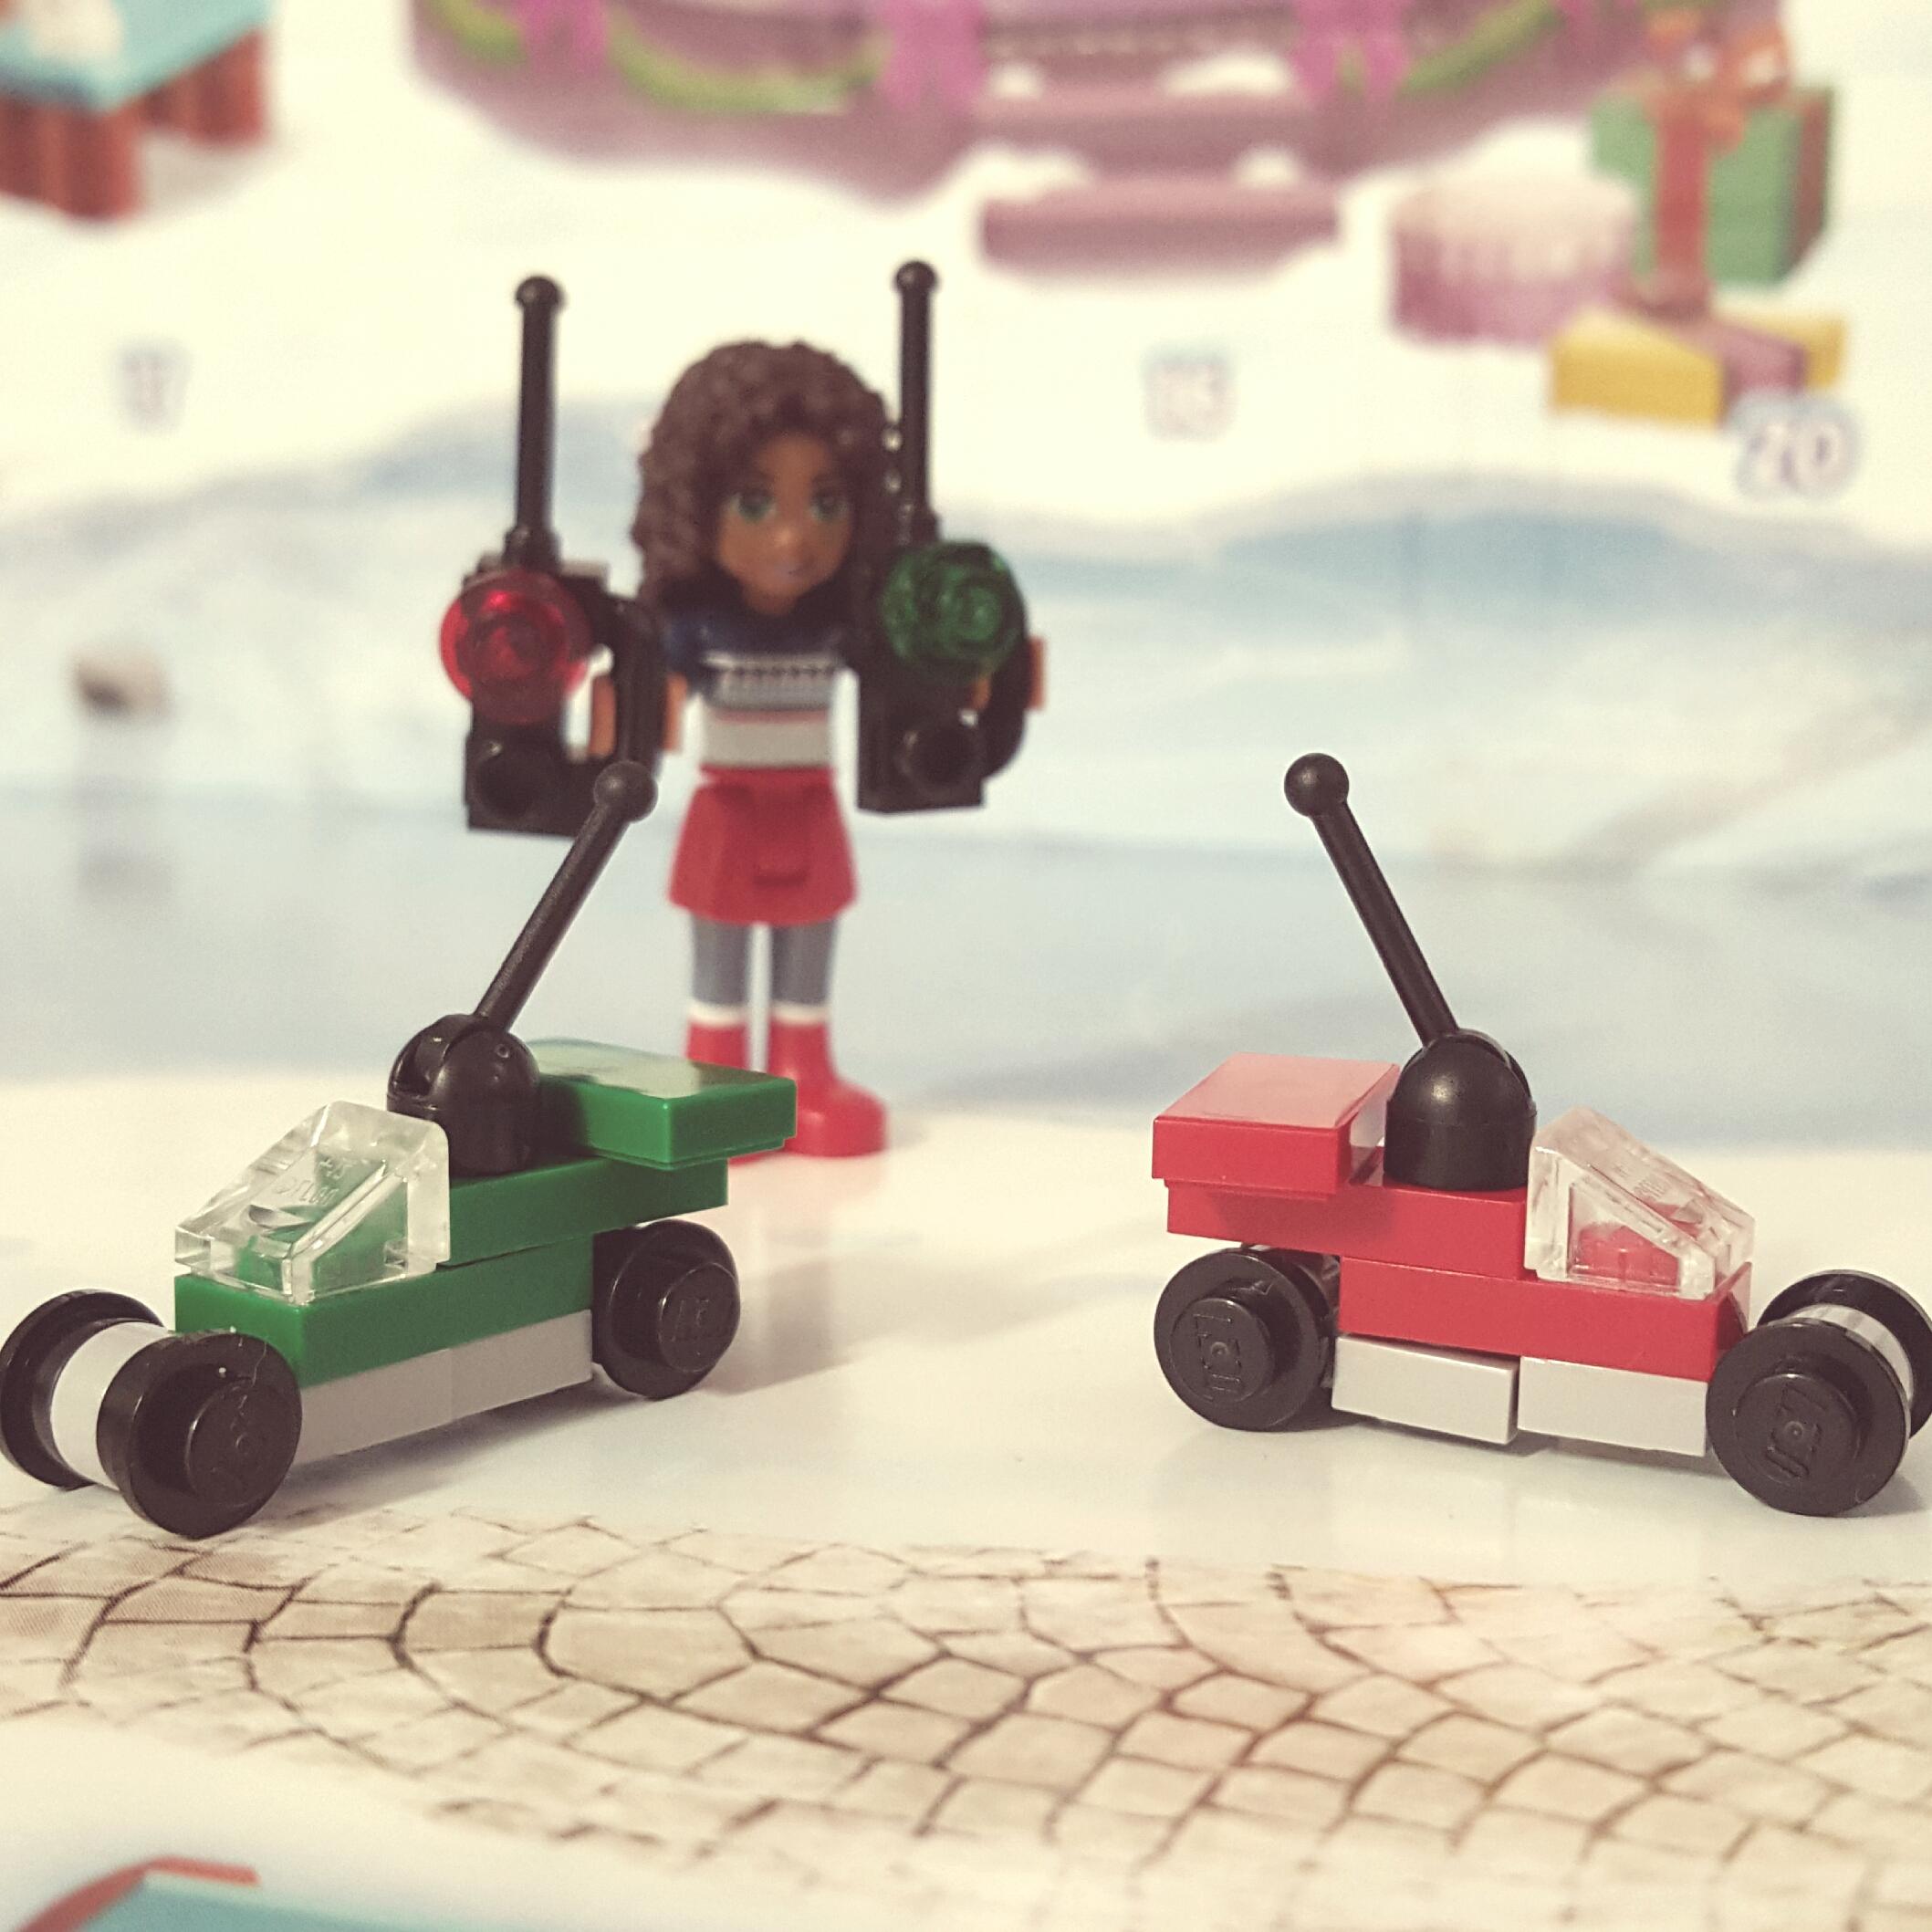 LEGO City Advent Calendar - Day 1 - Remote Control Cars